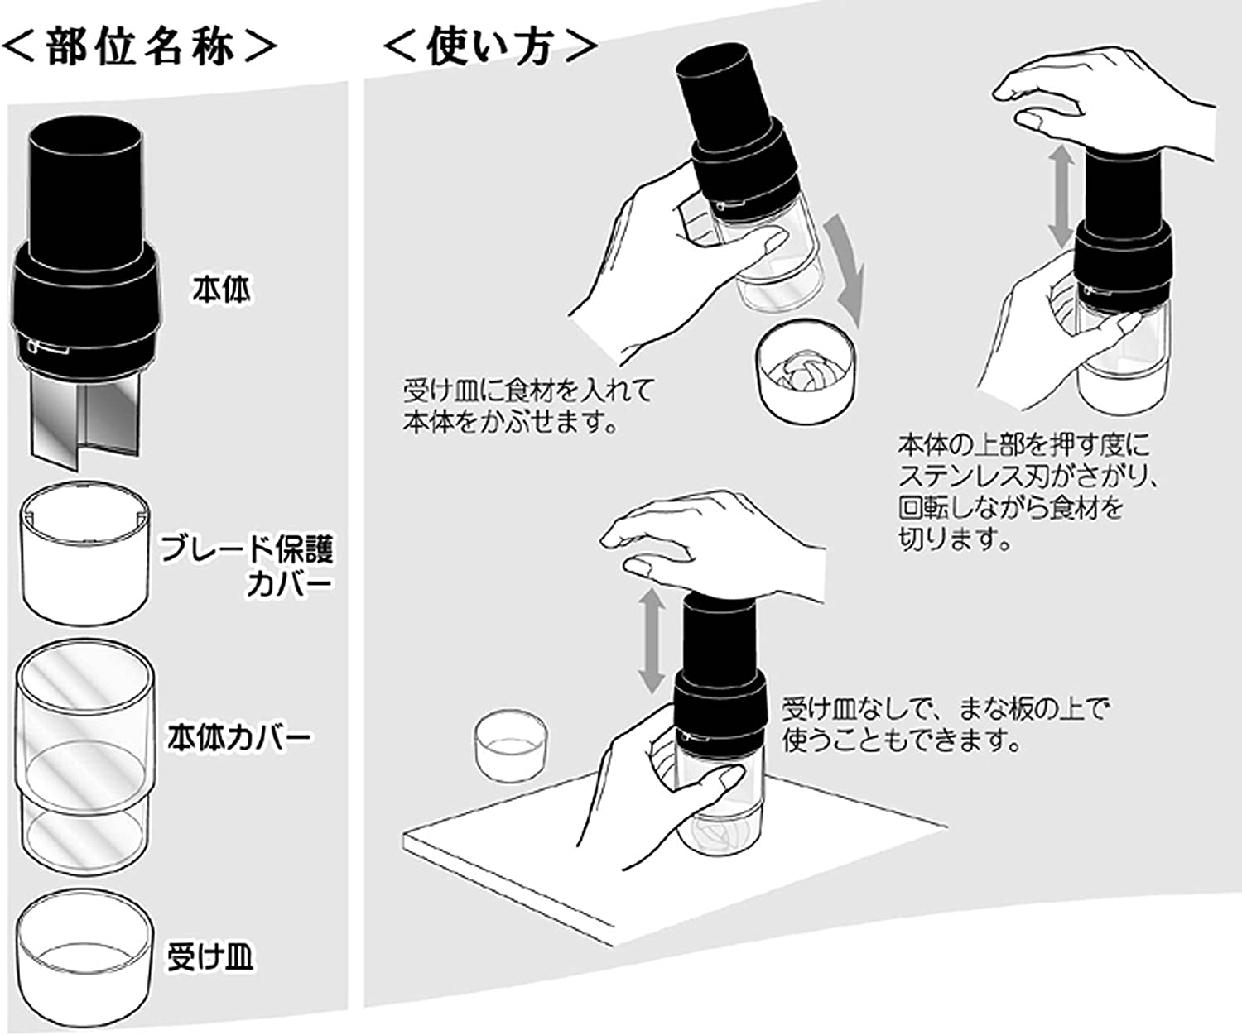 エムワン プレカット チョッパー H0005 ブラックの商品画像4